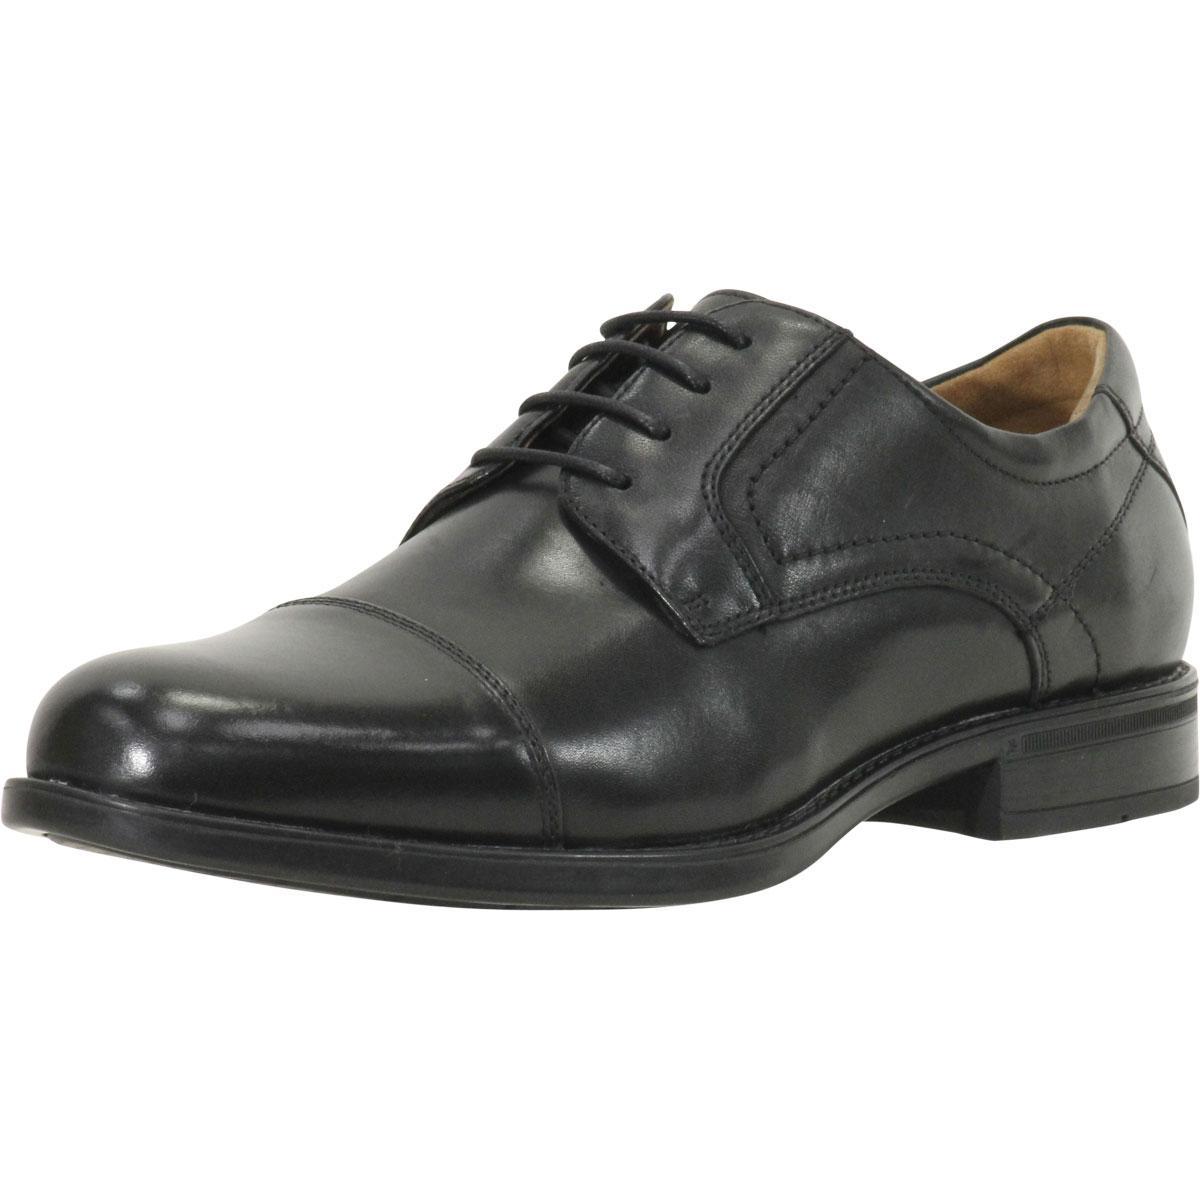 Image of Florsheim Comfortech Men's Midtown Cap Toe Oxfords Shoes - Black - 10.5 D(M) US